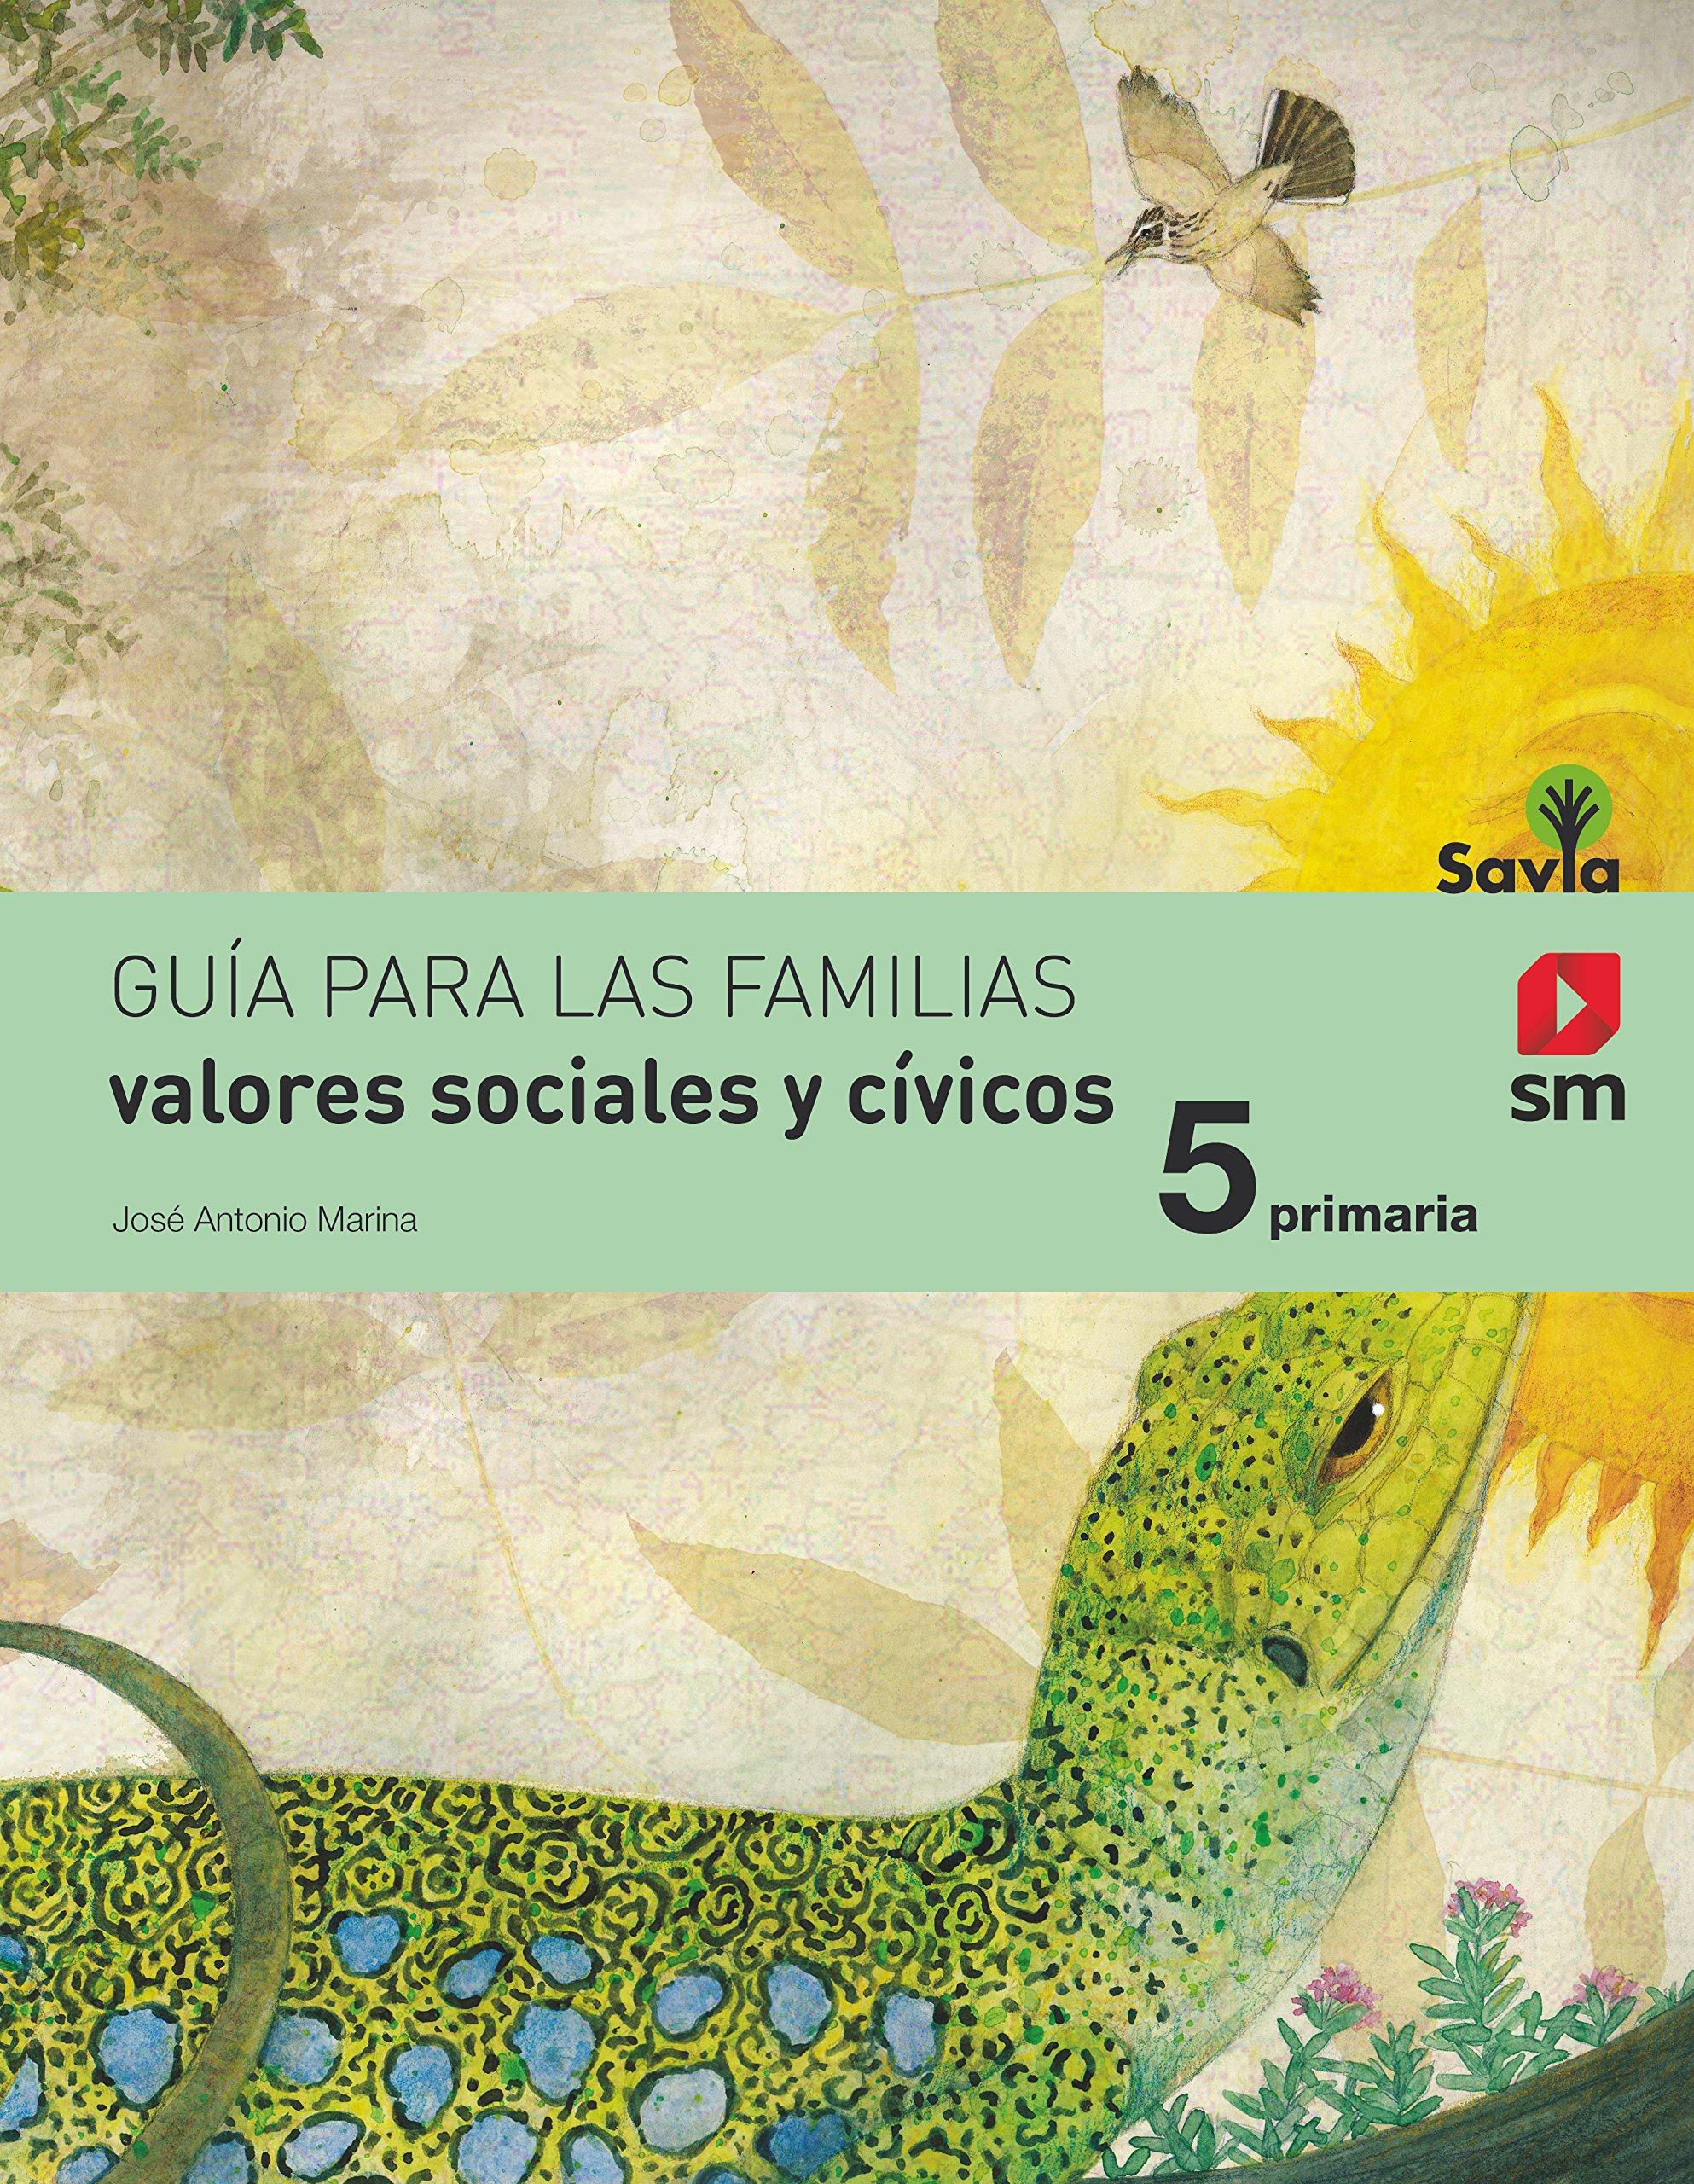 Valores sociales y cívicos. 5 Primaria. Savia - 9788467570663: Amazon.es: José Antonio Marina, Félix García Moriyón, Tomás Miranda Alonso, Mariona Cabassa ...